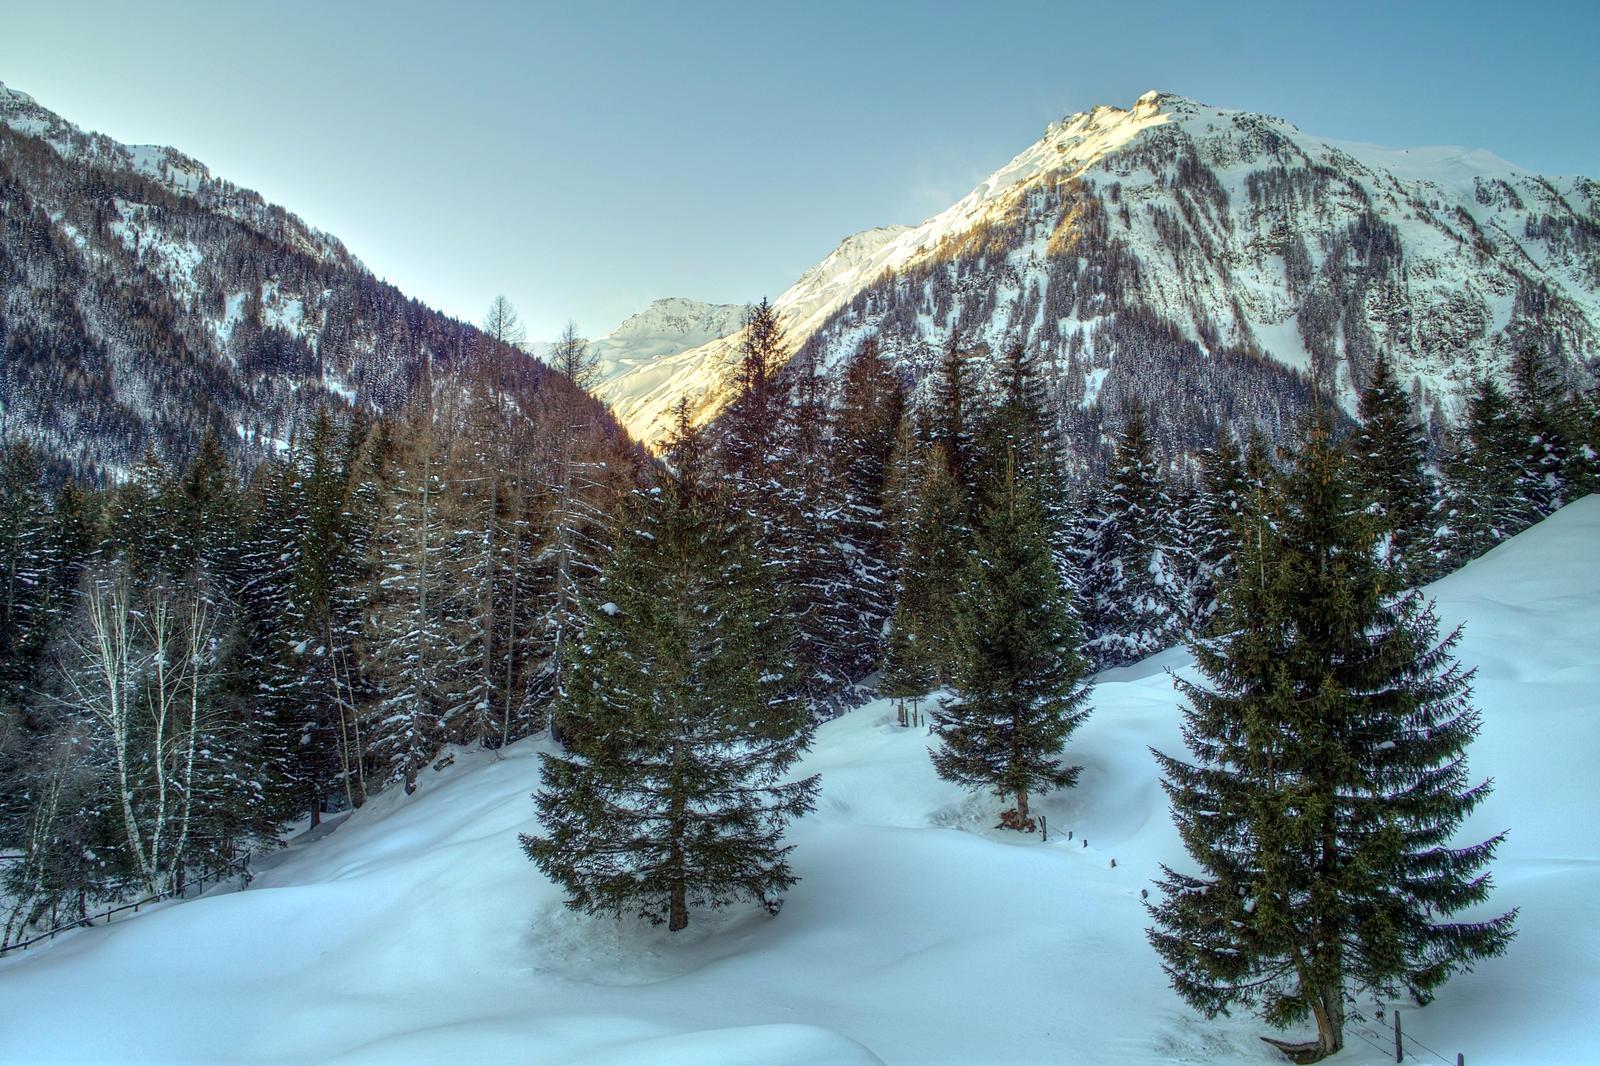 Silent Winter by Burtn